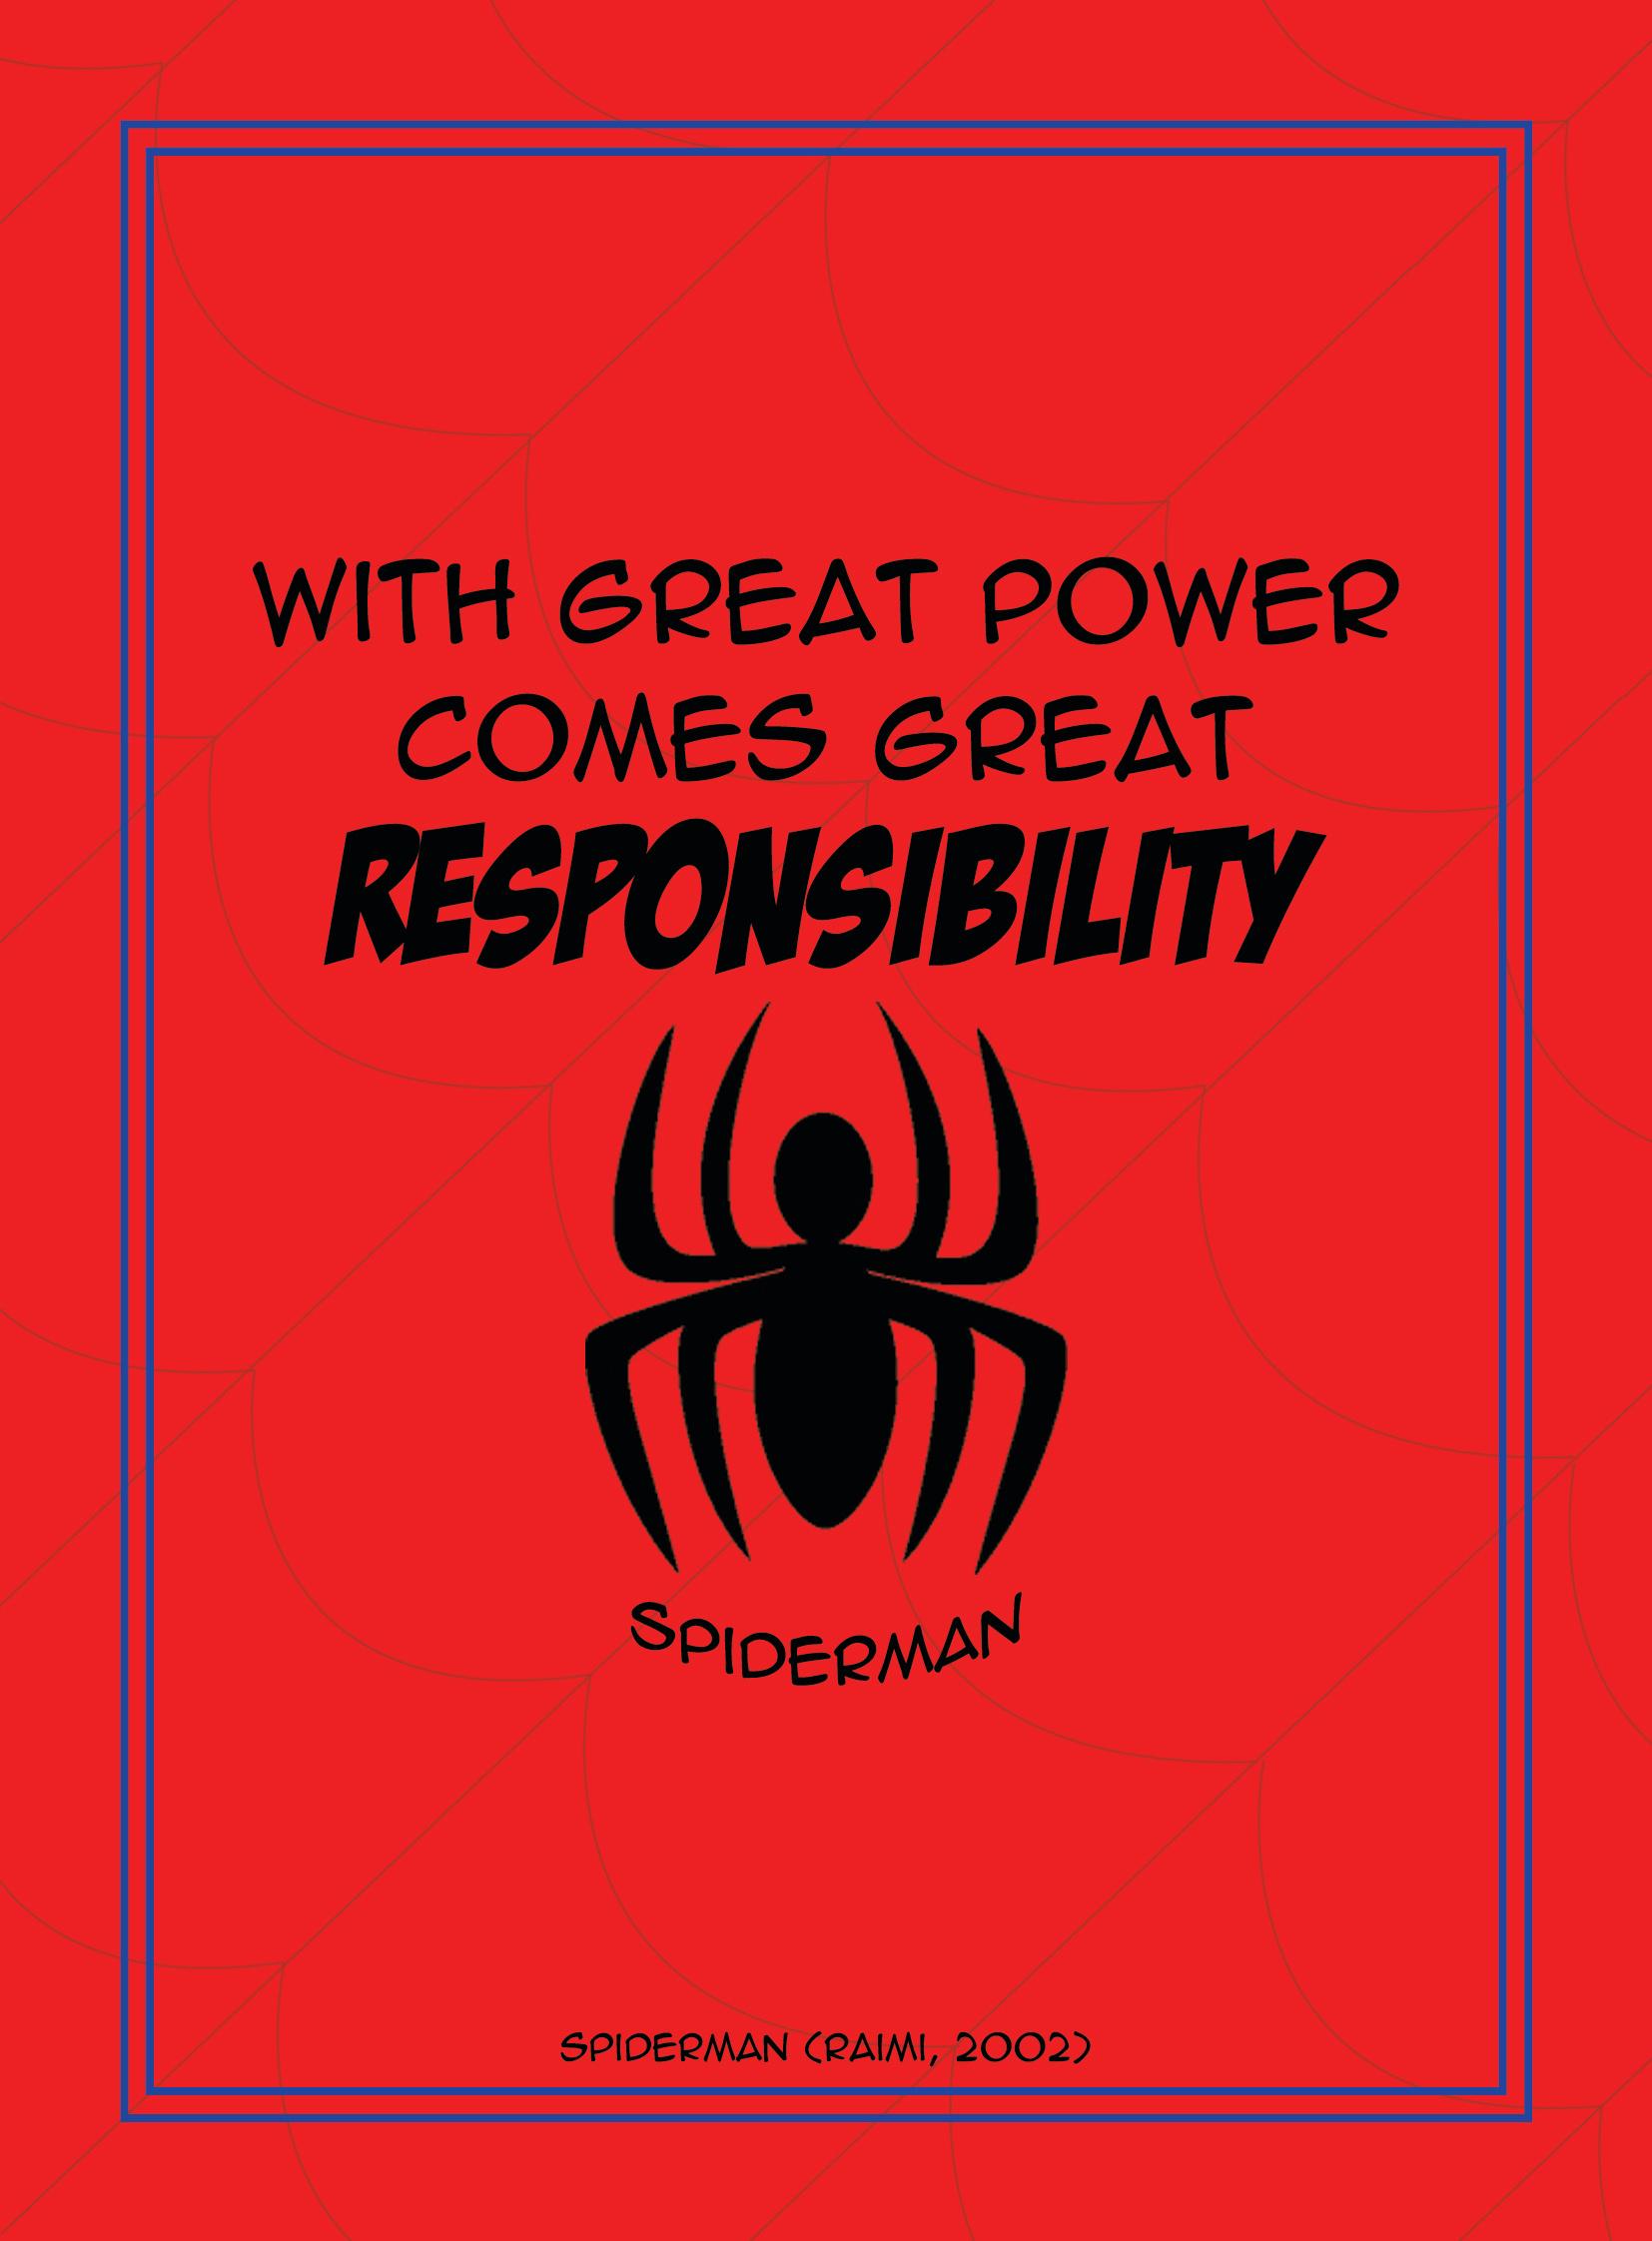 Spiderman film quote